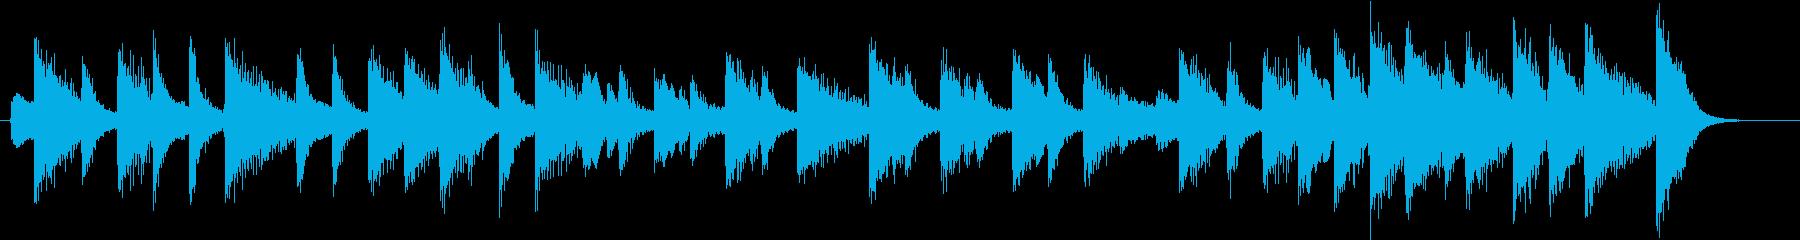 童謡・お正月モチーフのピアノジングルBの再生済みの波形